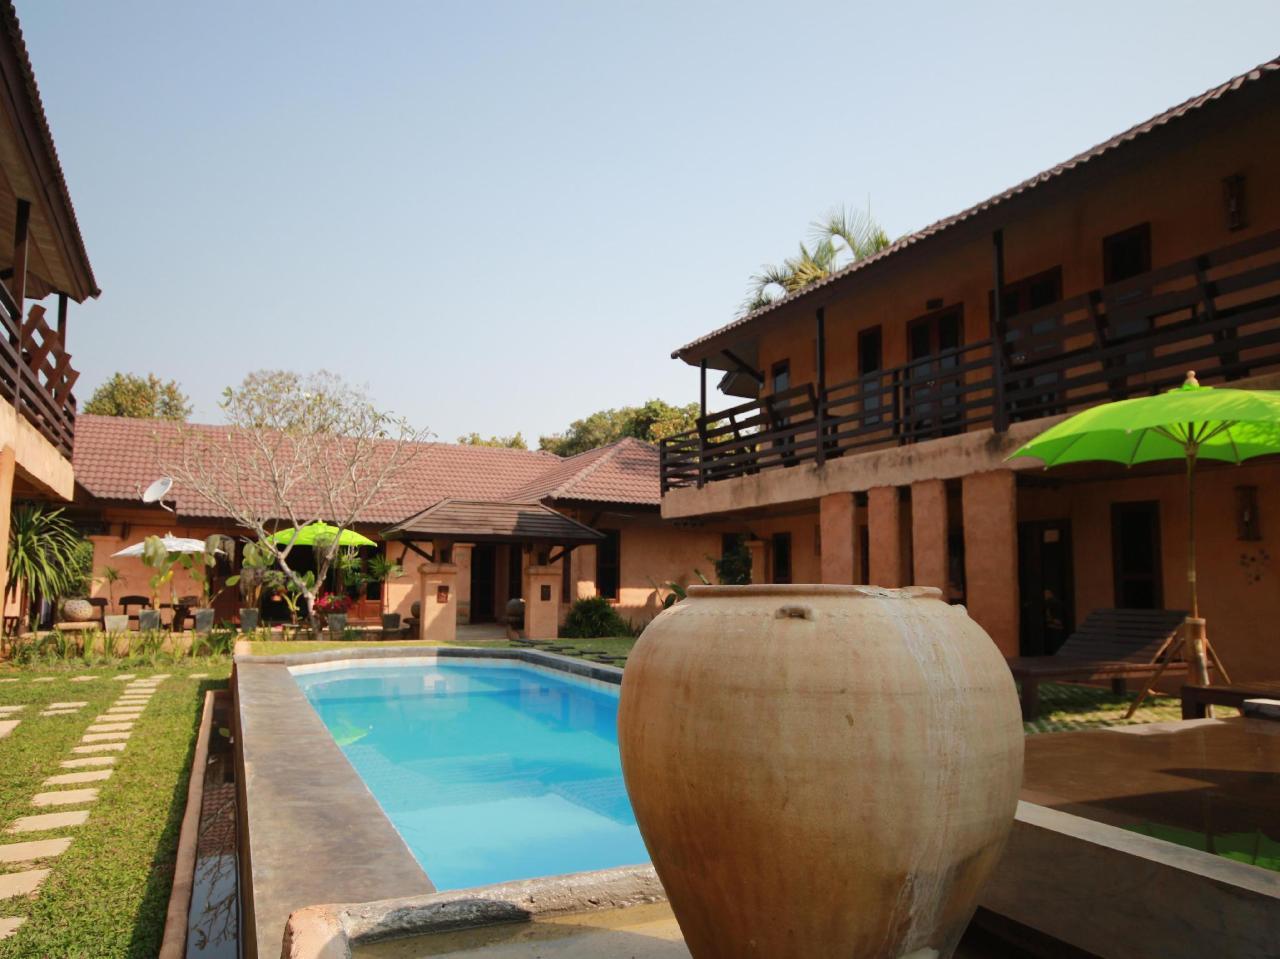 ฟอเรสเต้ รีสอร์ต (Foreste Resort)